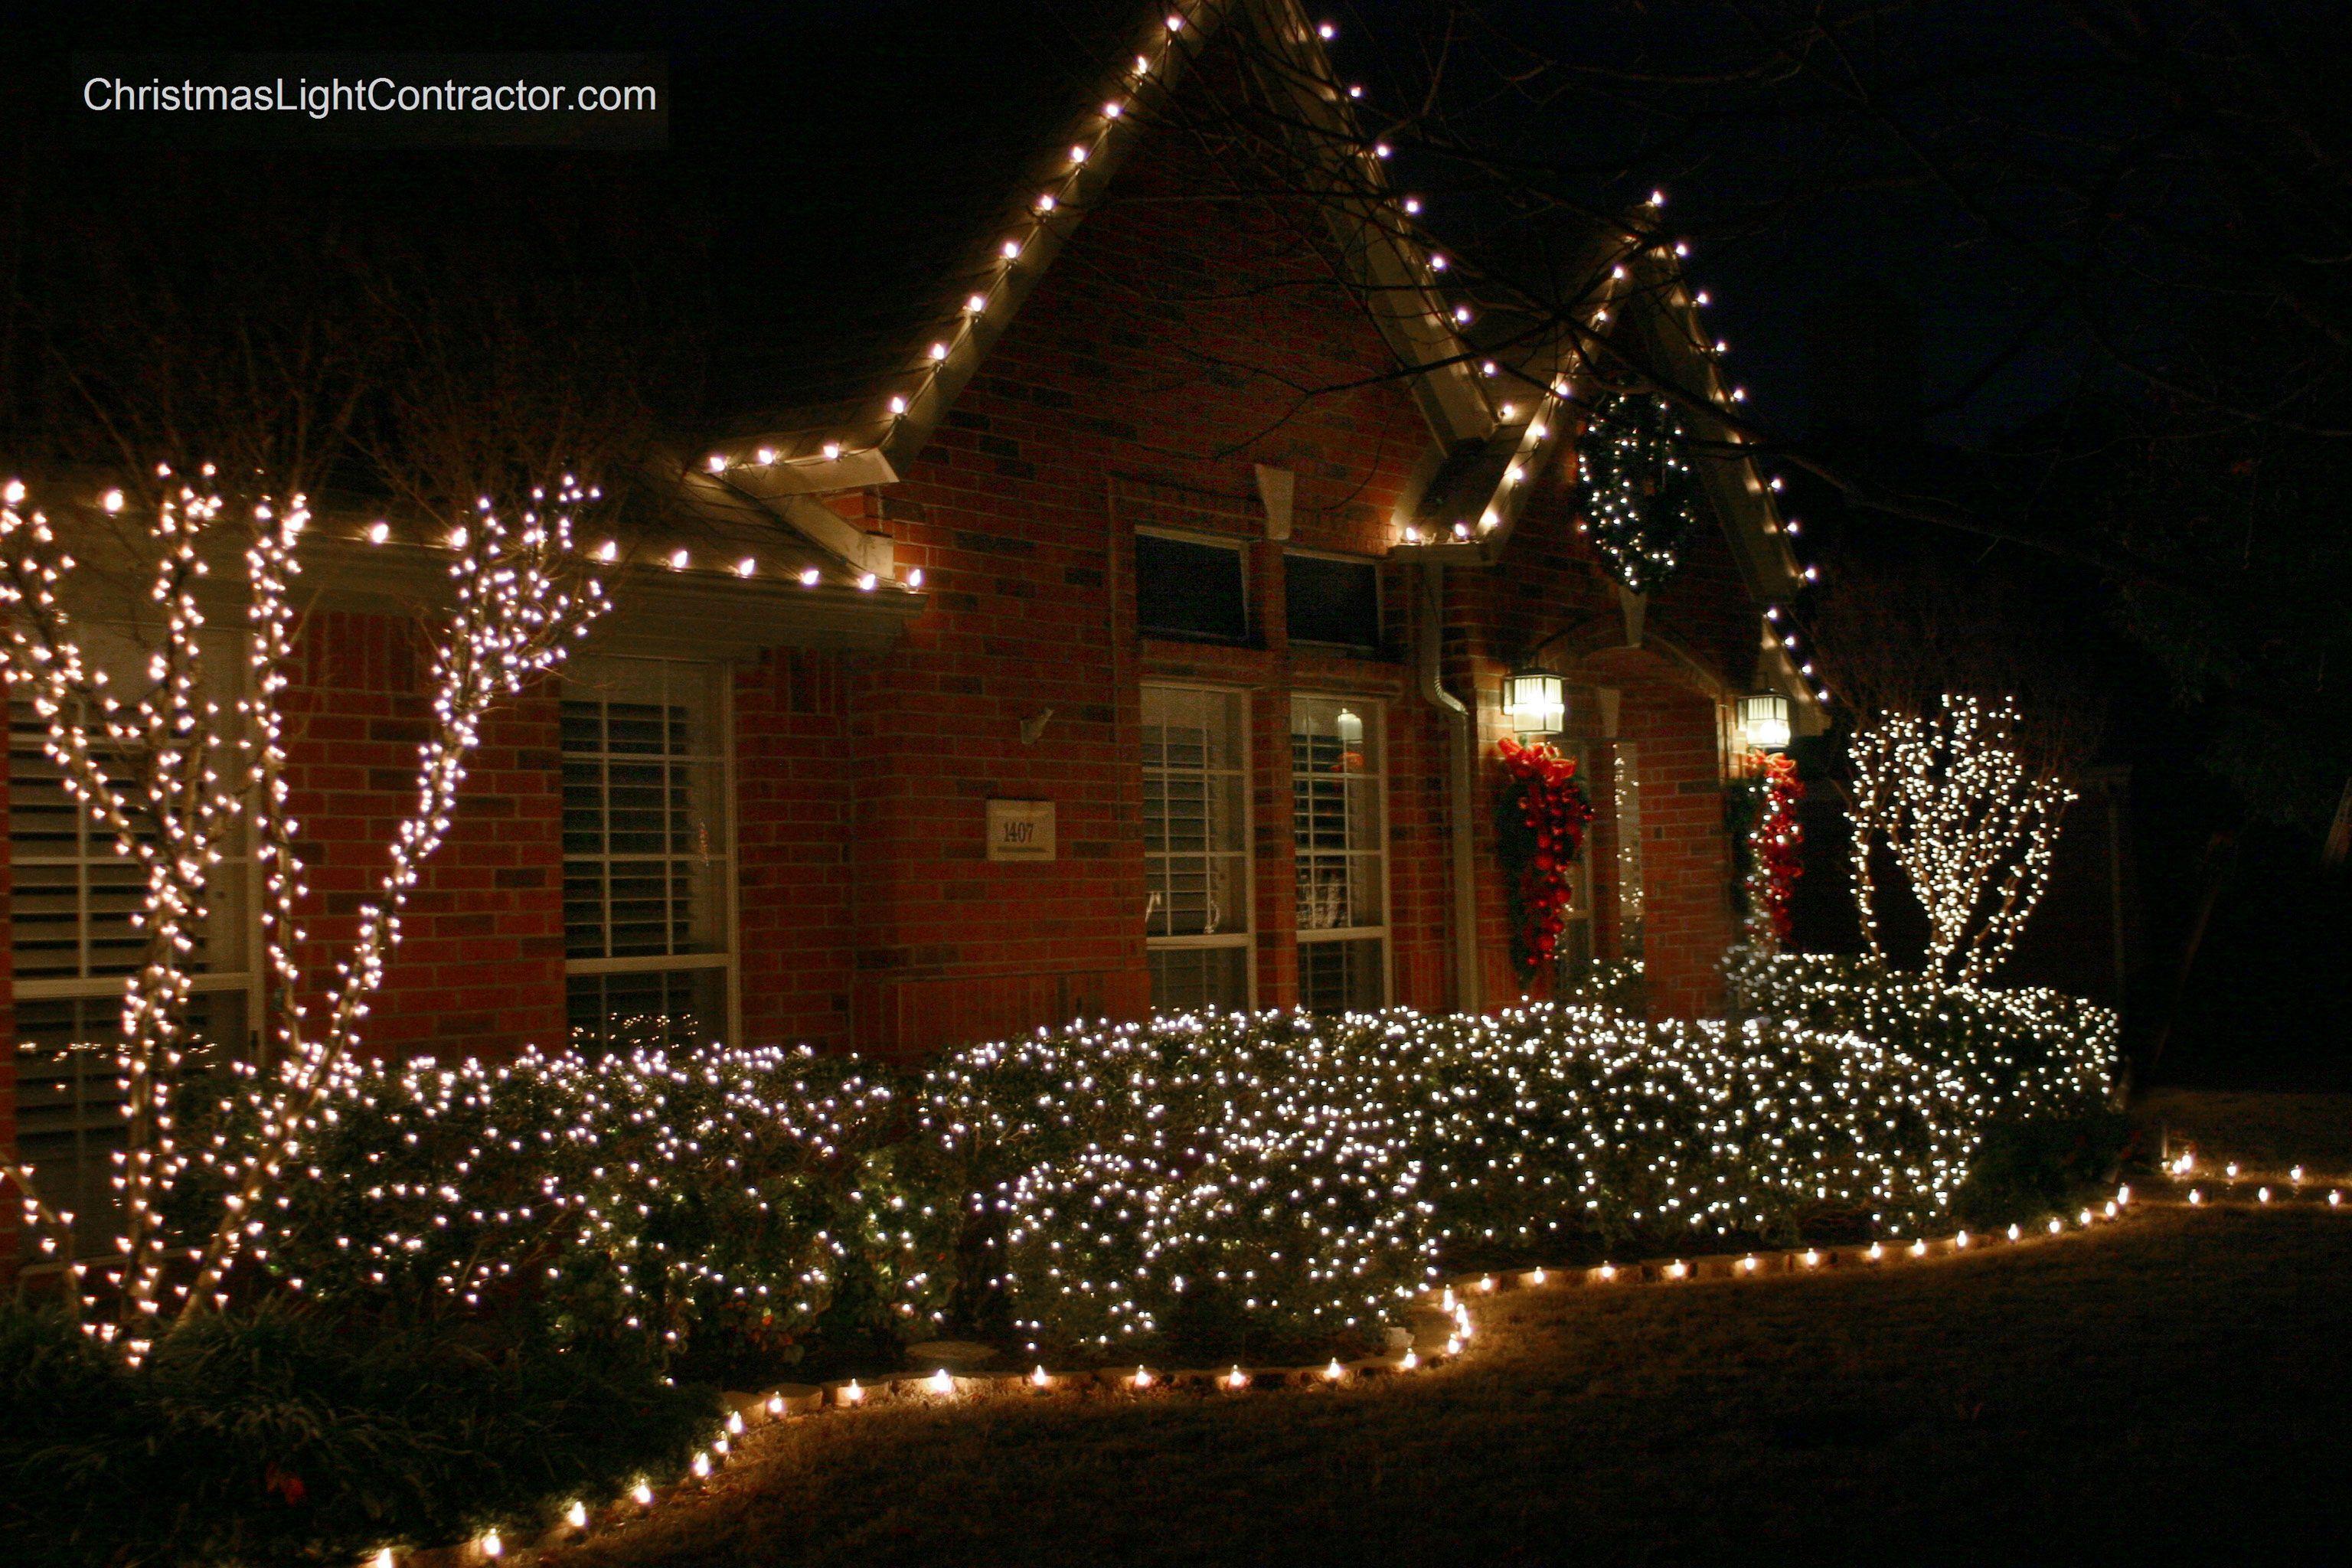 Exterior Christmas Lights Christmas Light Contractor C 2010 Exterior Christmas Lights Outdoor Christmas Lights Christmas House Lights